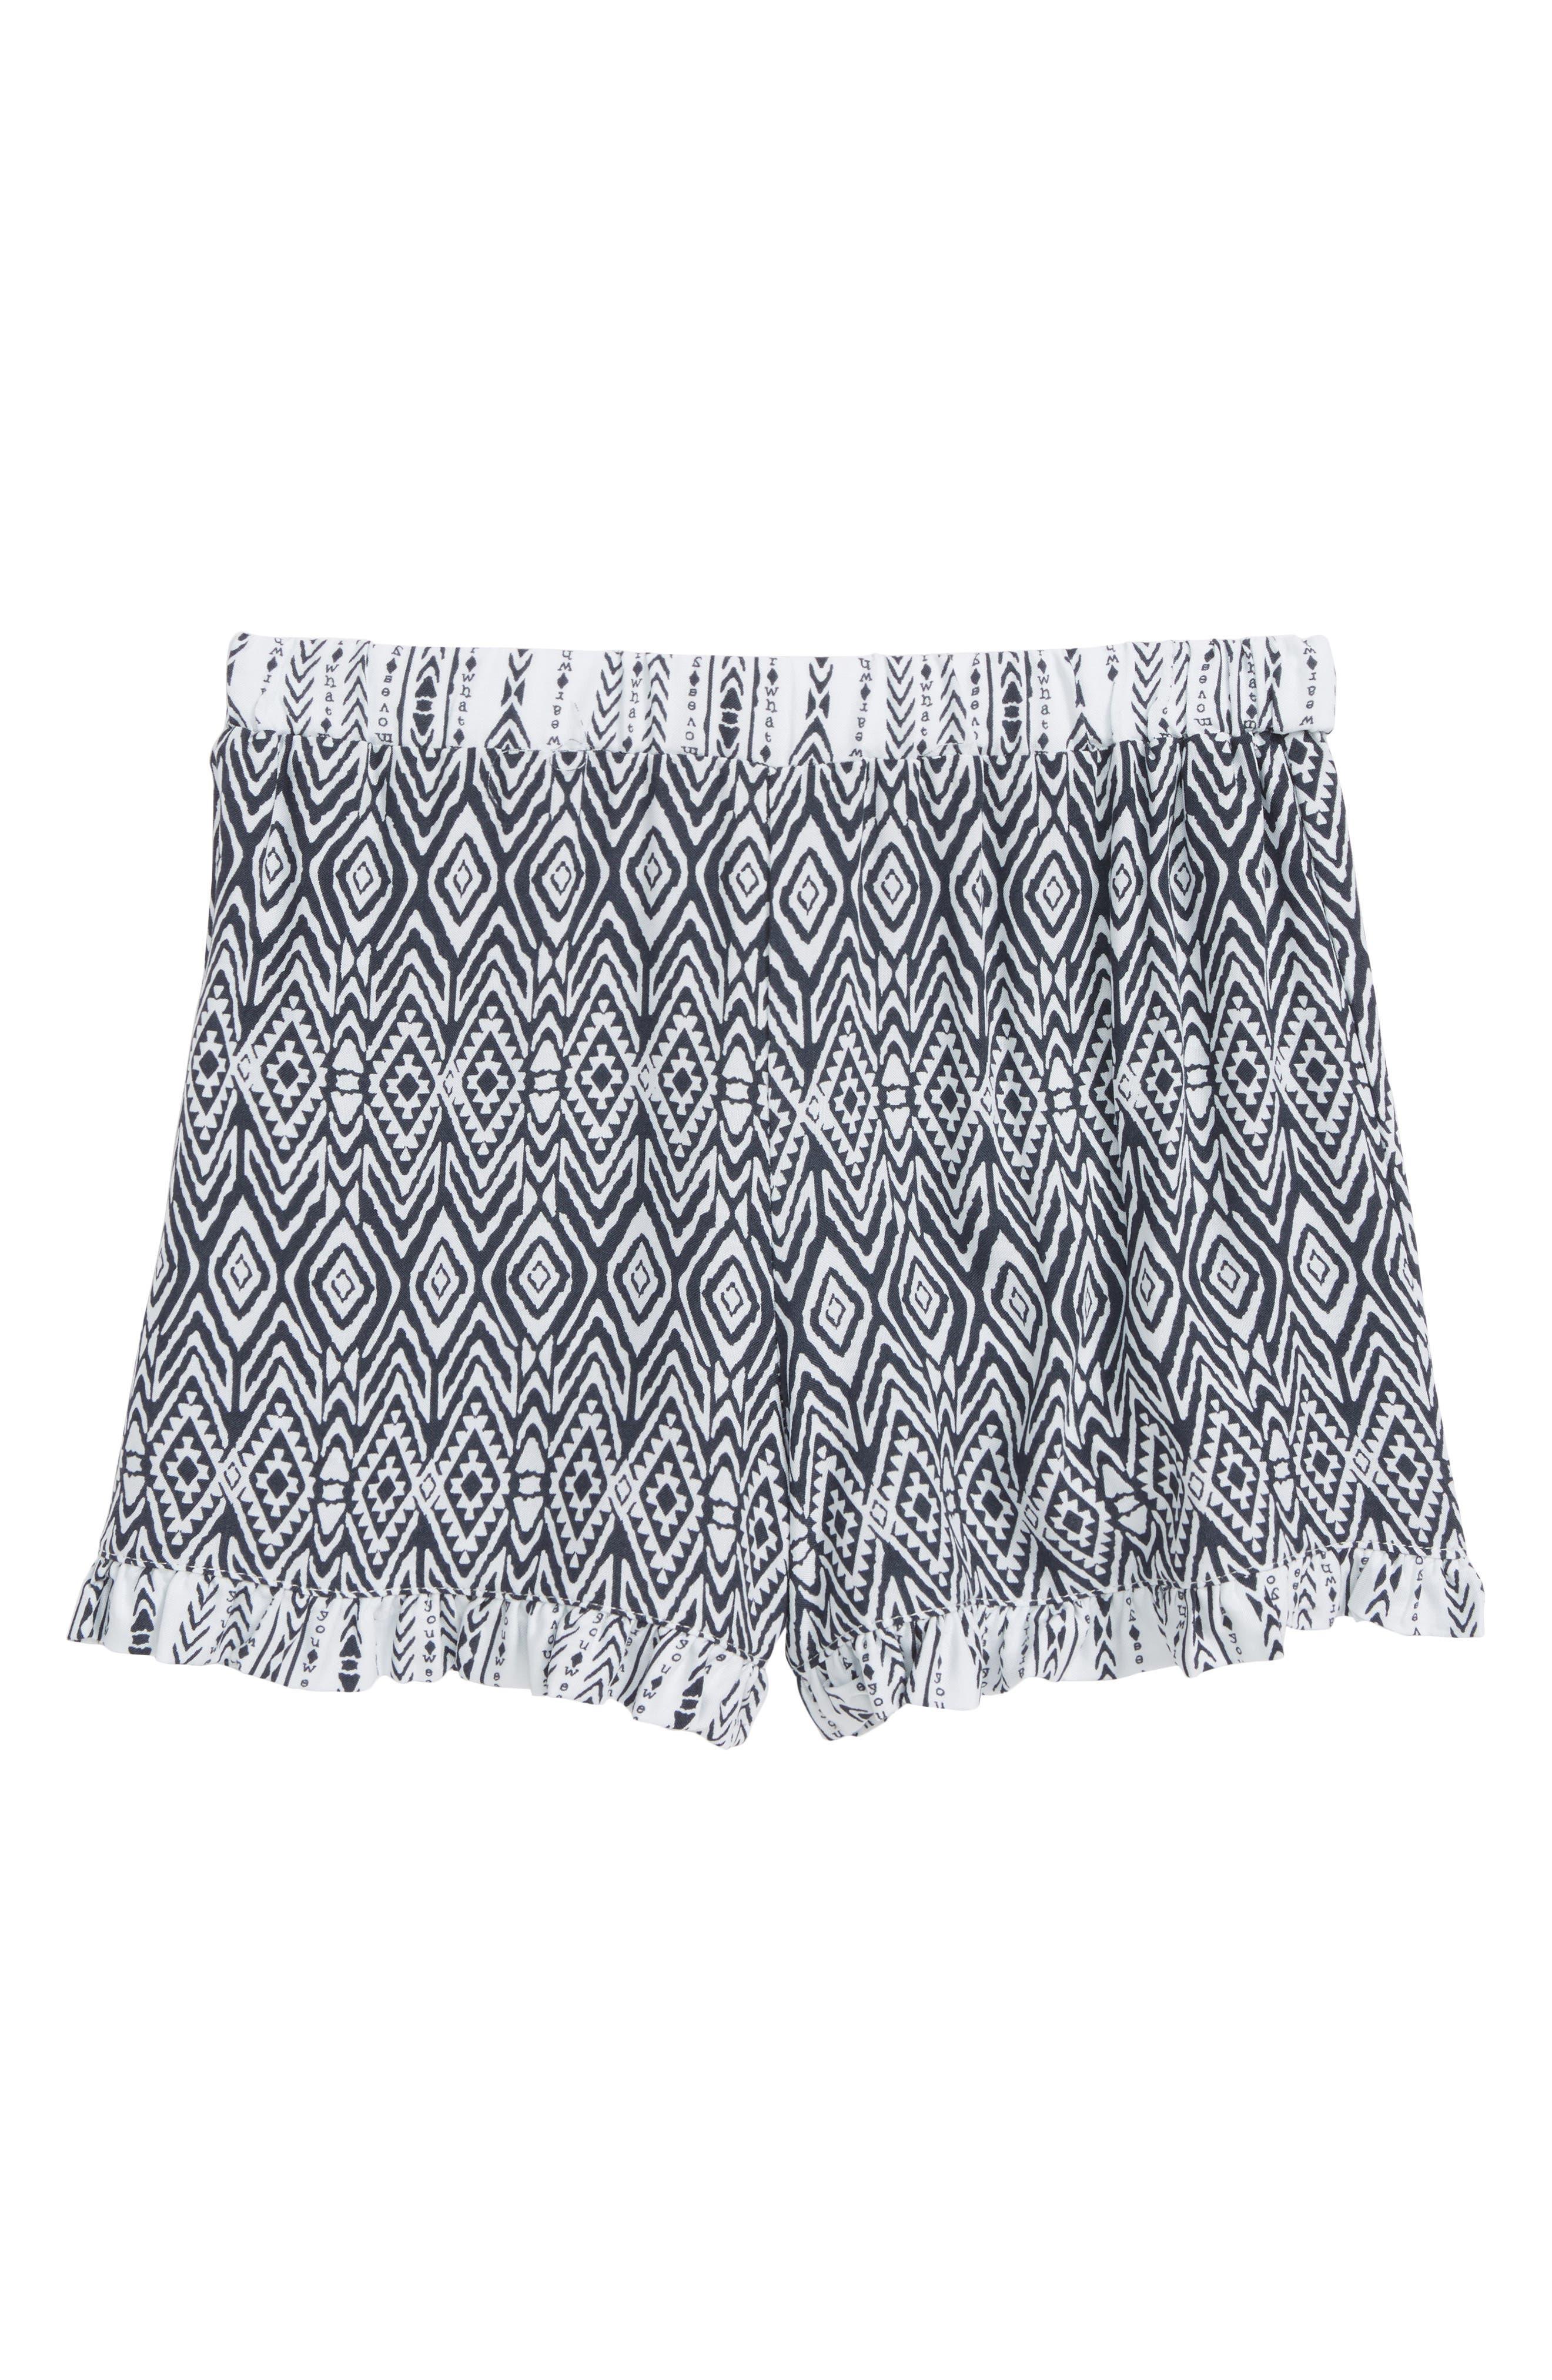 Tribal Print Shorts,                         Main,                         color,